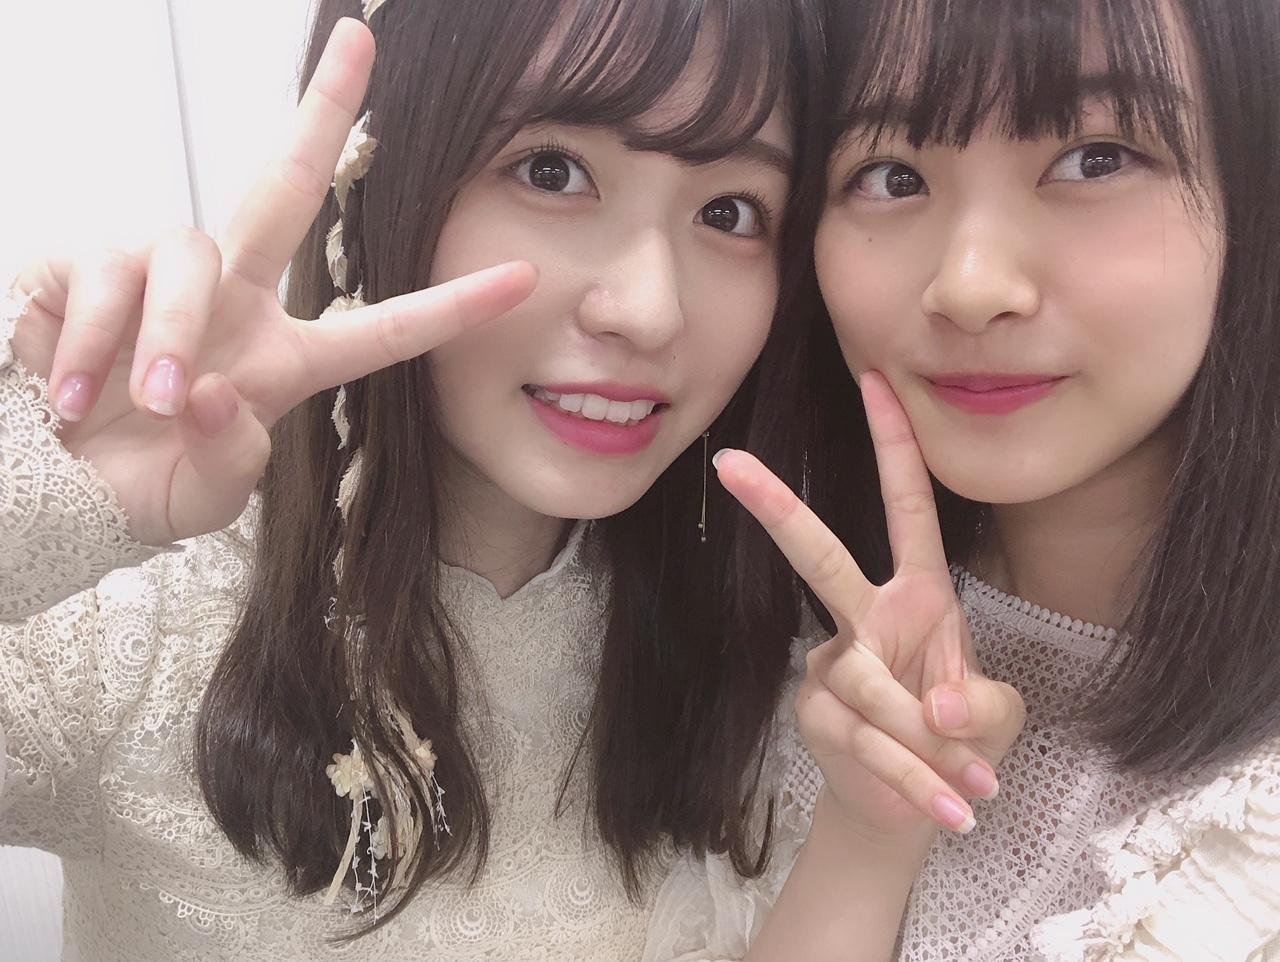 原田 葵 公式ブログ 欅坂46公式サイト